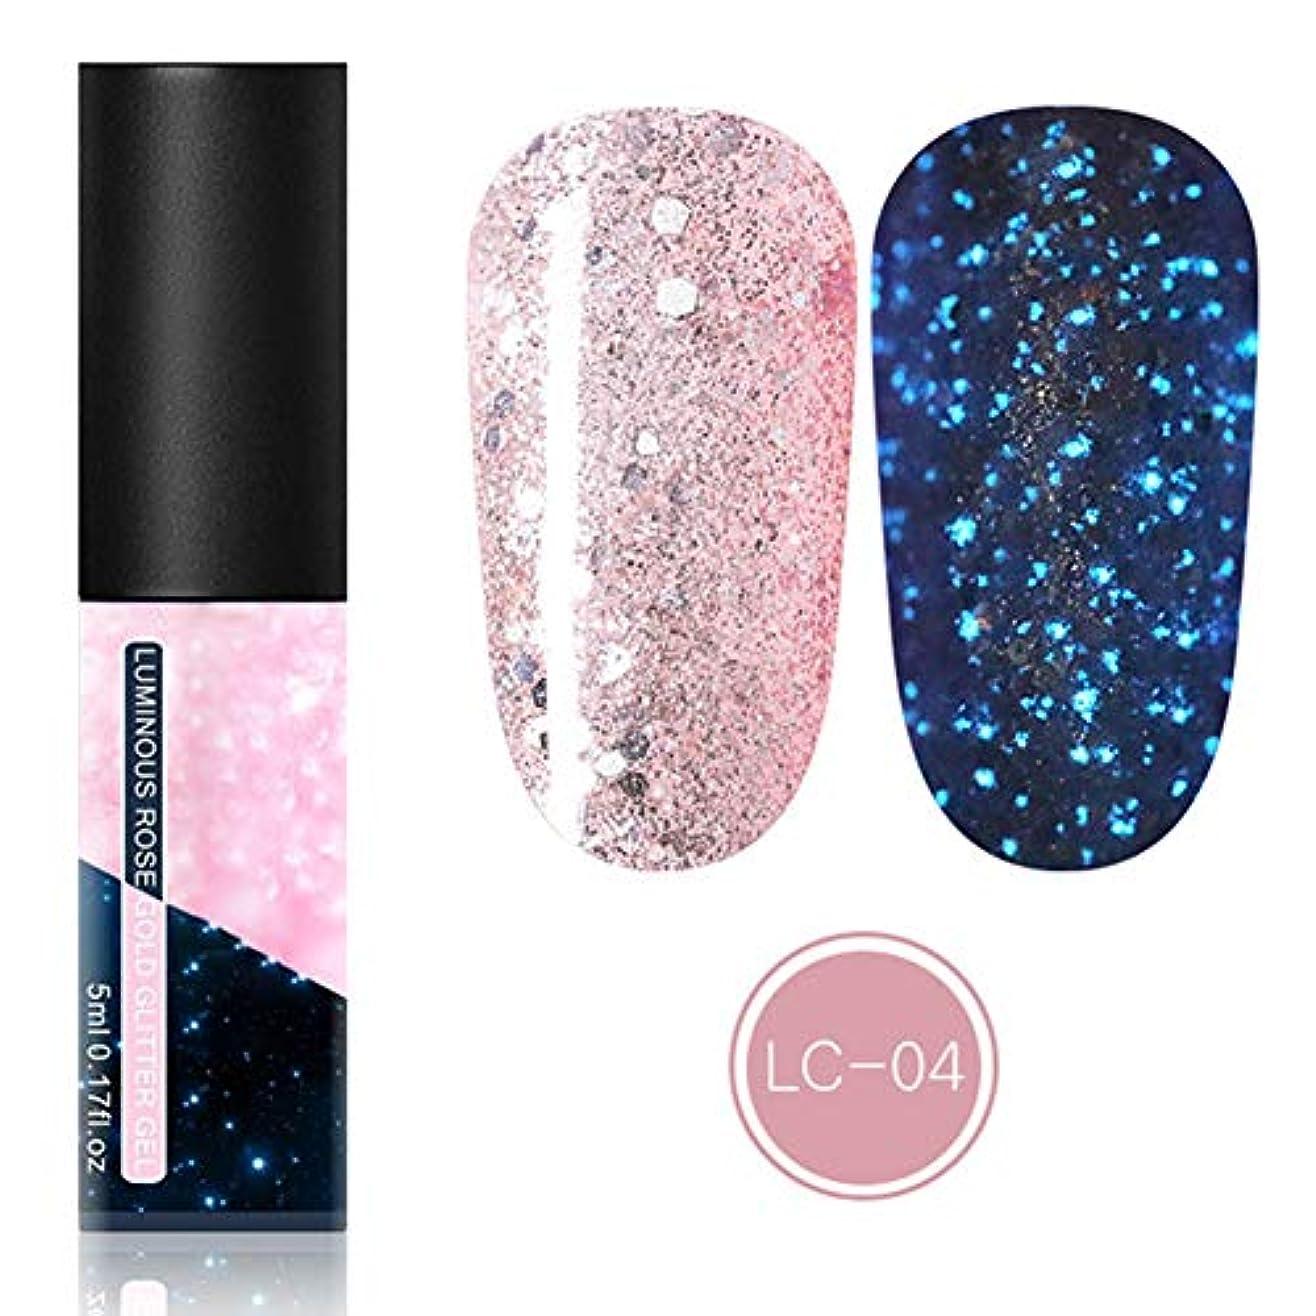 九時四十五分リズム不正直feelingood Gel Nail Polish,Fluorescent Gel Nail Polish Glow in Dark Nail Enamel Varnish Gel Manicure Supply